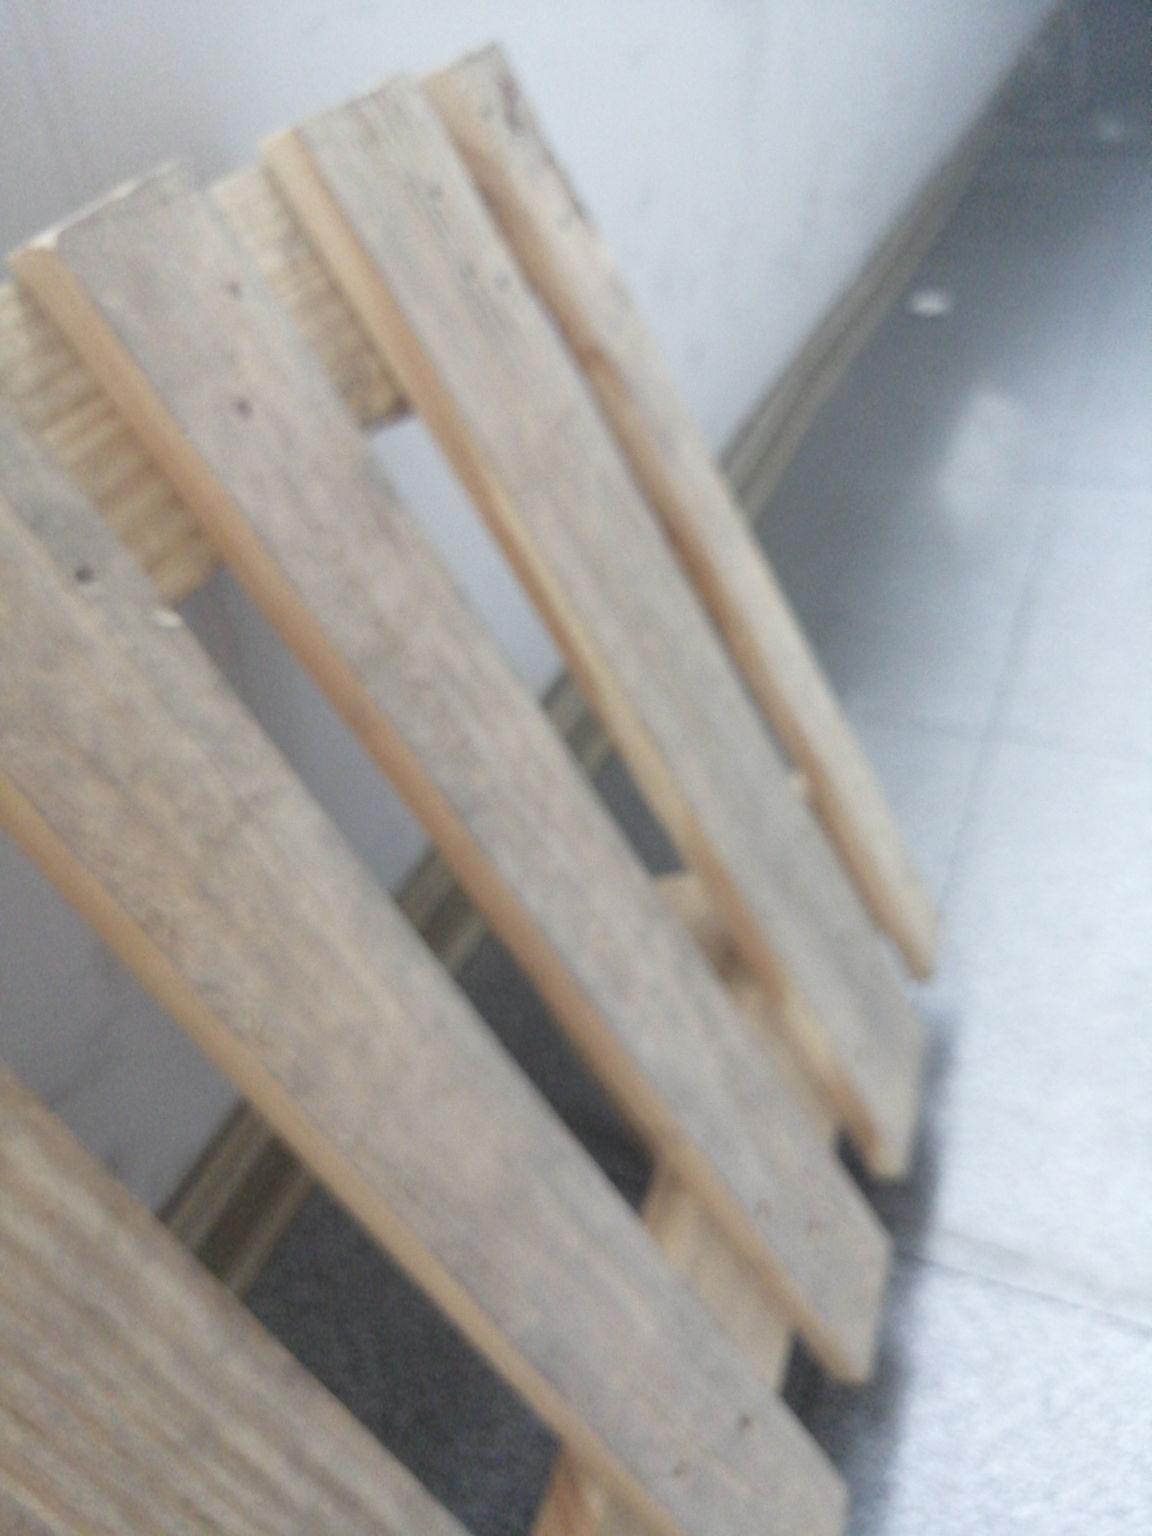 专业工程机械木托盘怎么选才好首先看下木托盘品�,♚┭ℴ﹔┯、产